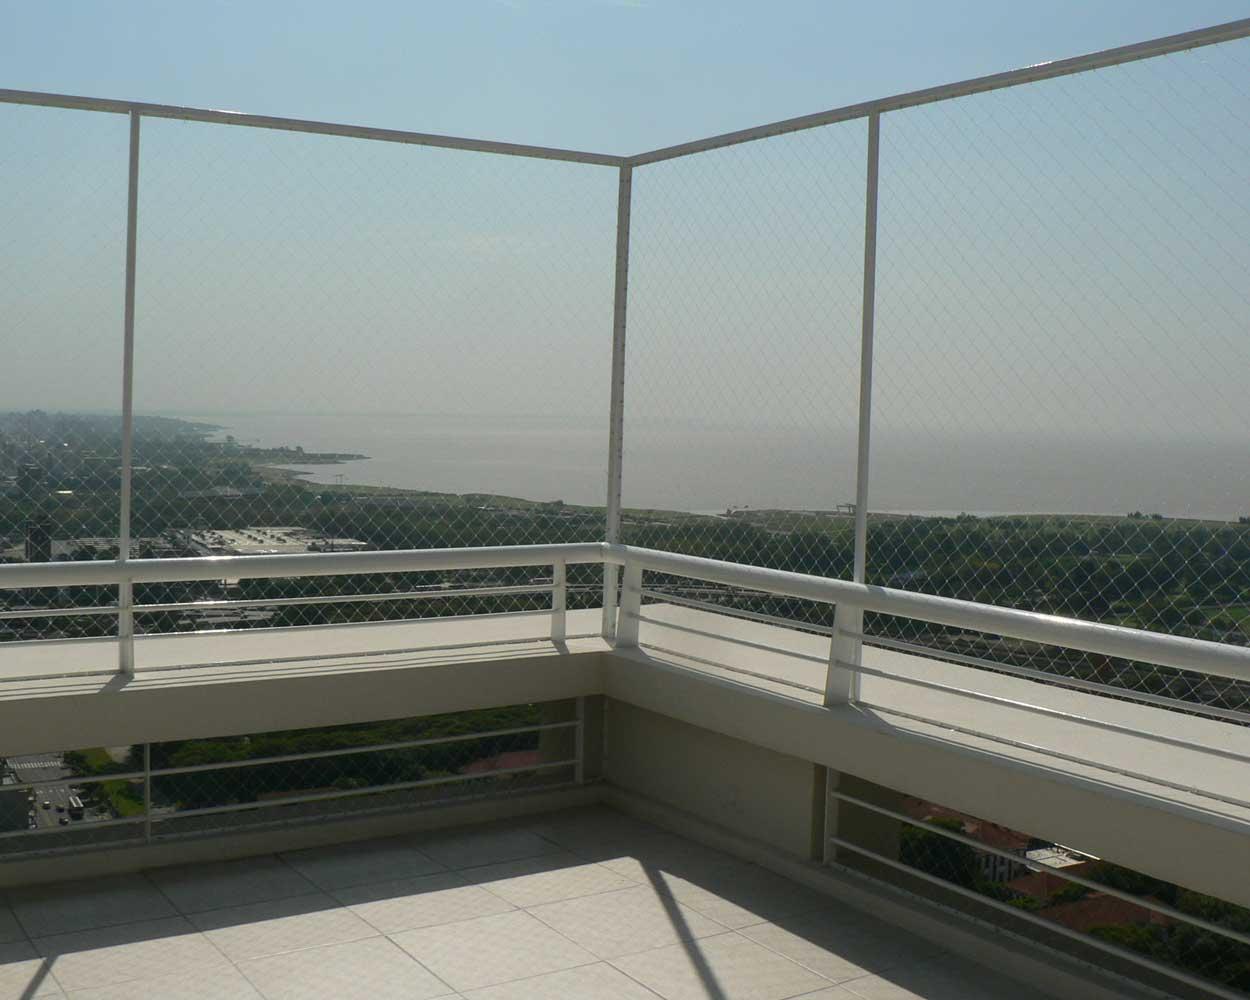 Rete Per Balconi Bambini la installazione della rete anticaduta kidpro è semplice.